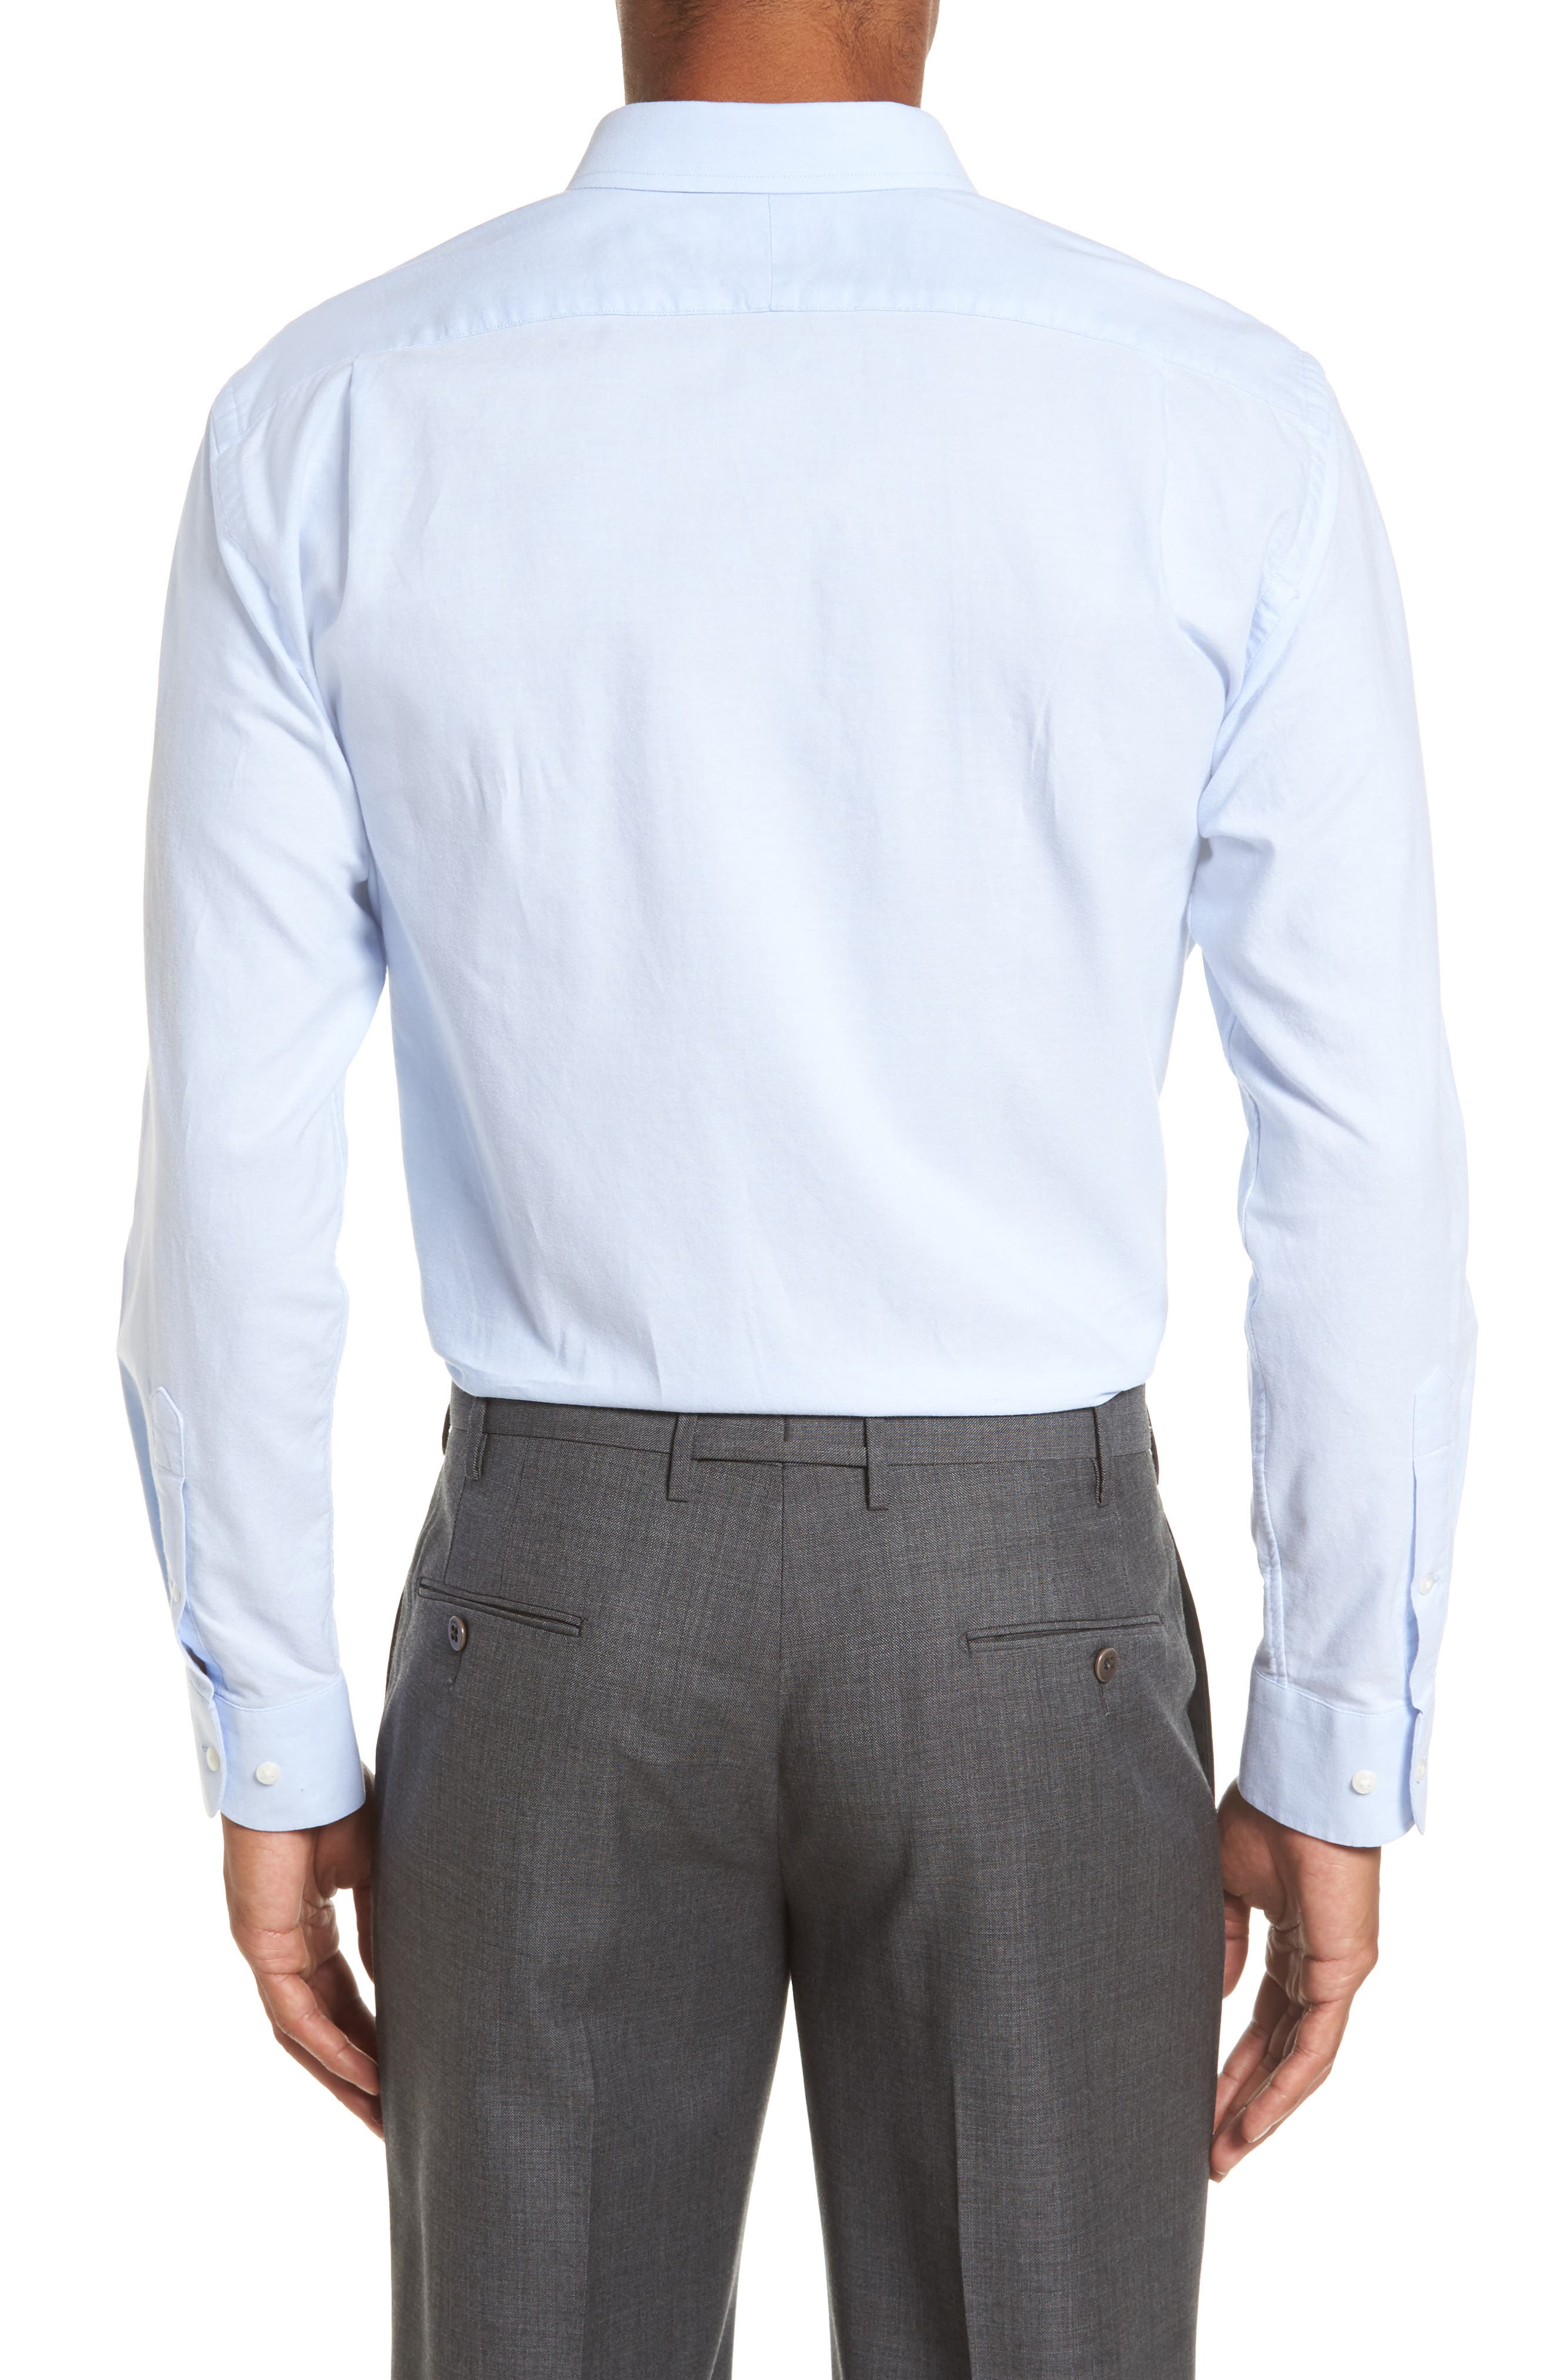 Trim Fit Solid Oxford Dress Shirt,                             Alternate thumbnail 3, color,                             Blue Grapemist